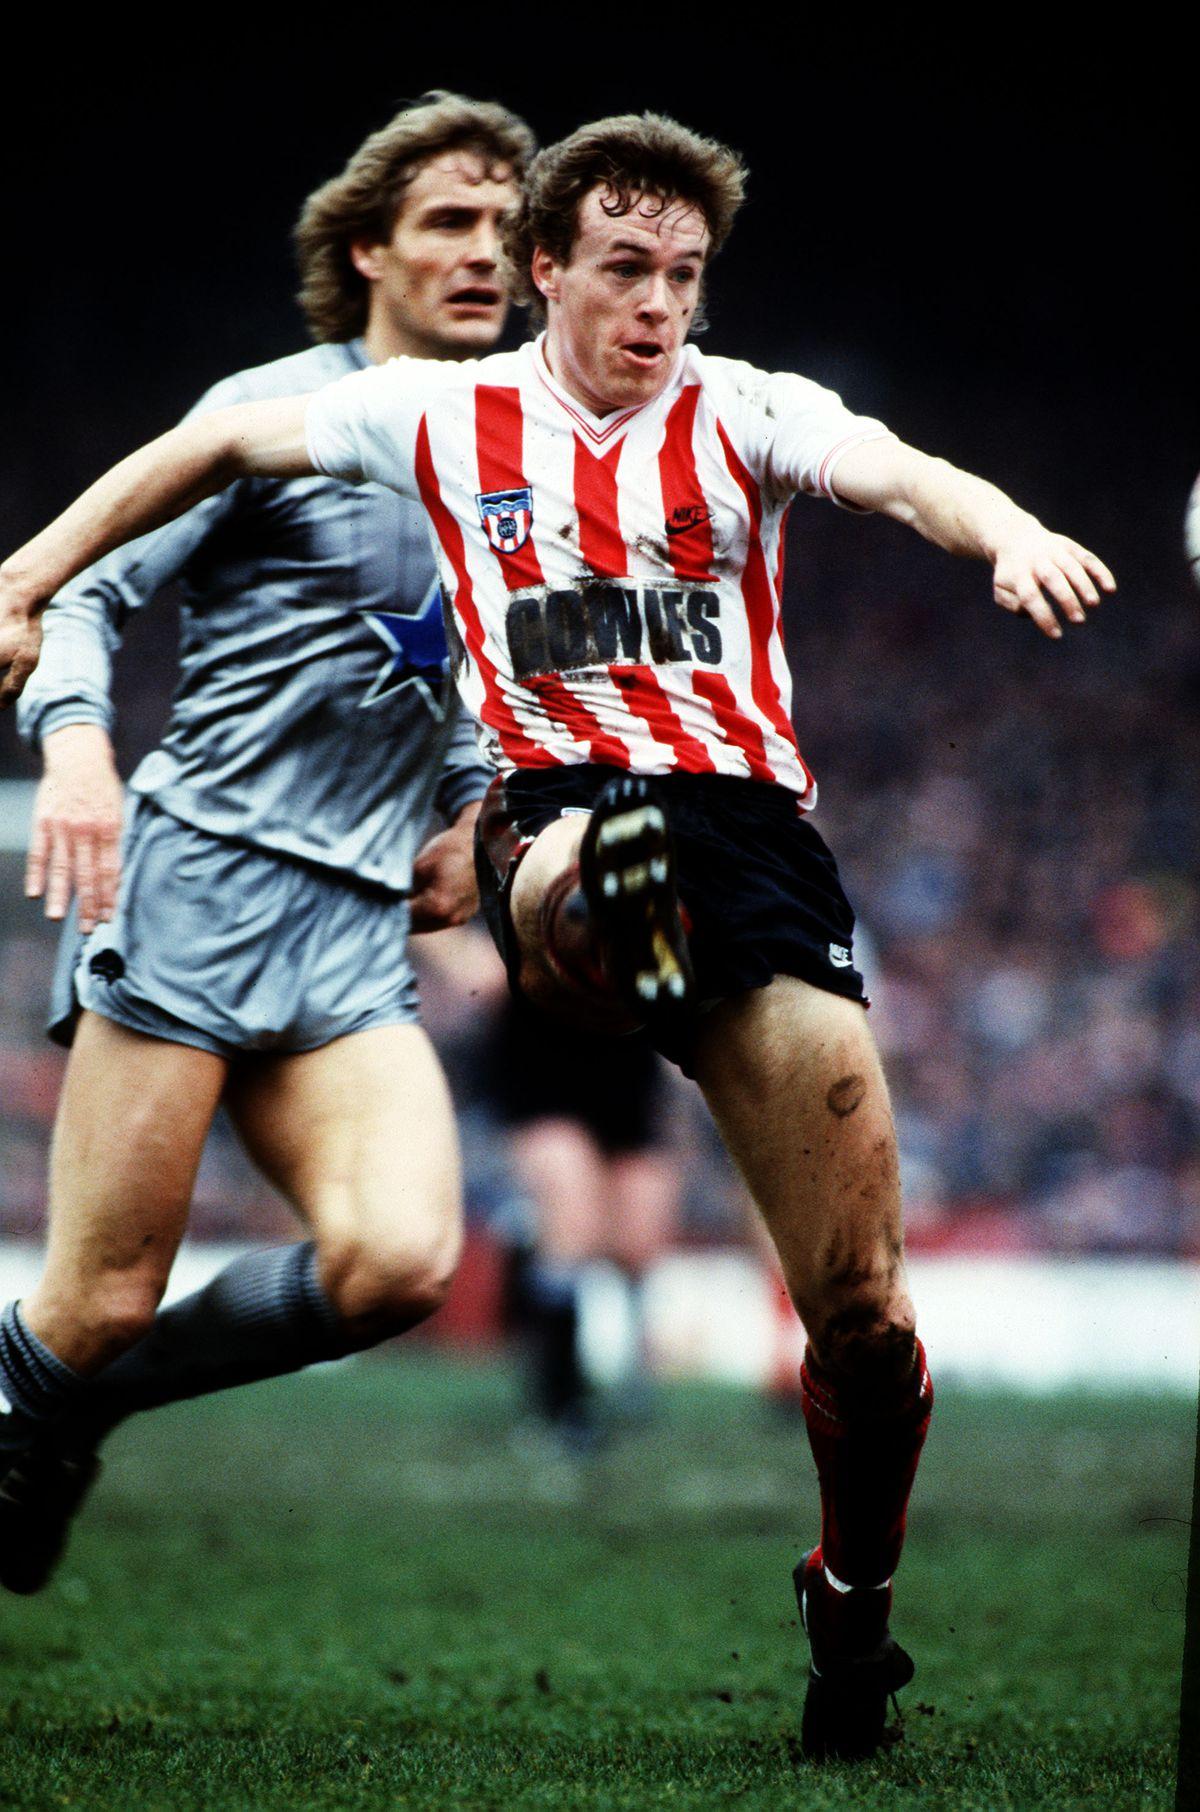 Sport, Football, pic: 8th April 1985, Division 1, Sunderland 0 v Newcastle United 0, Steve Berry, Sunderland